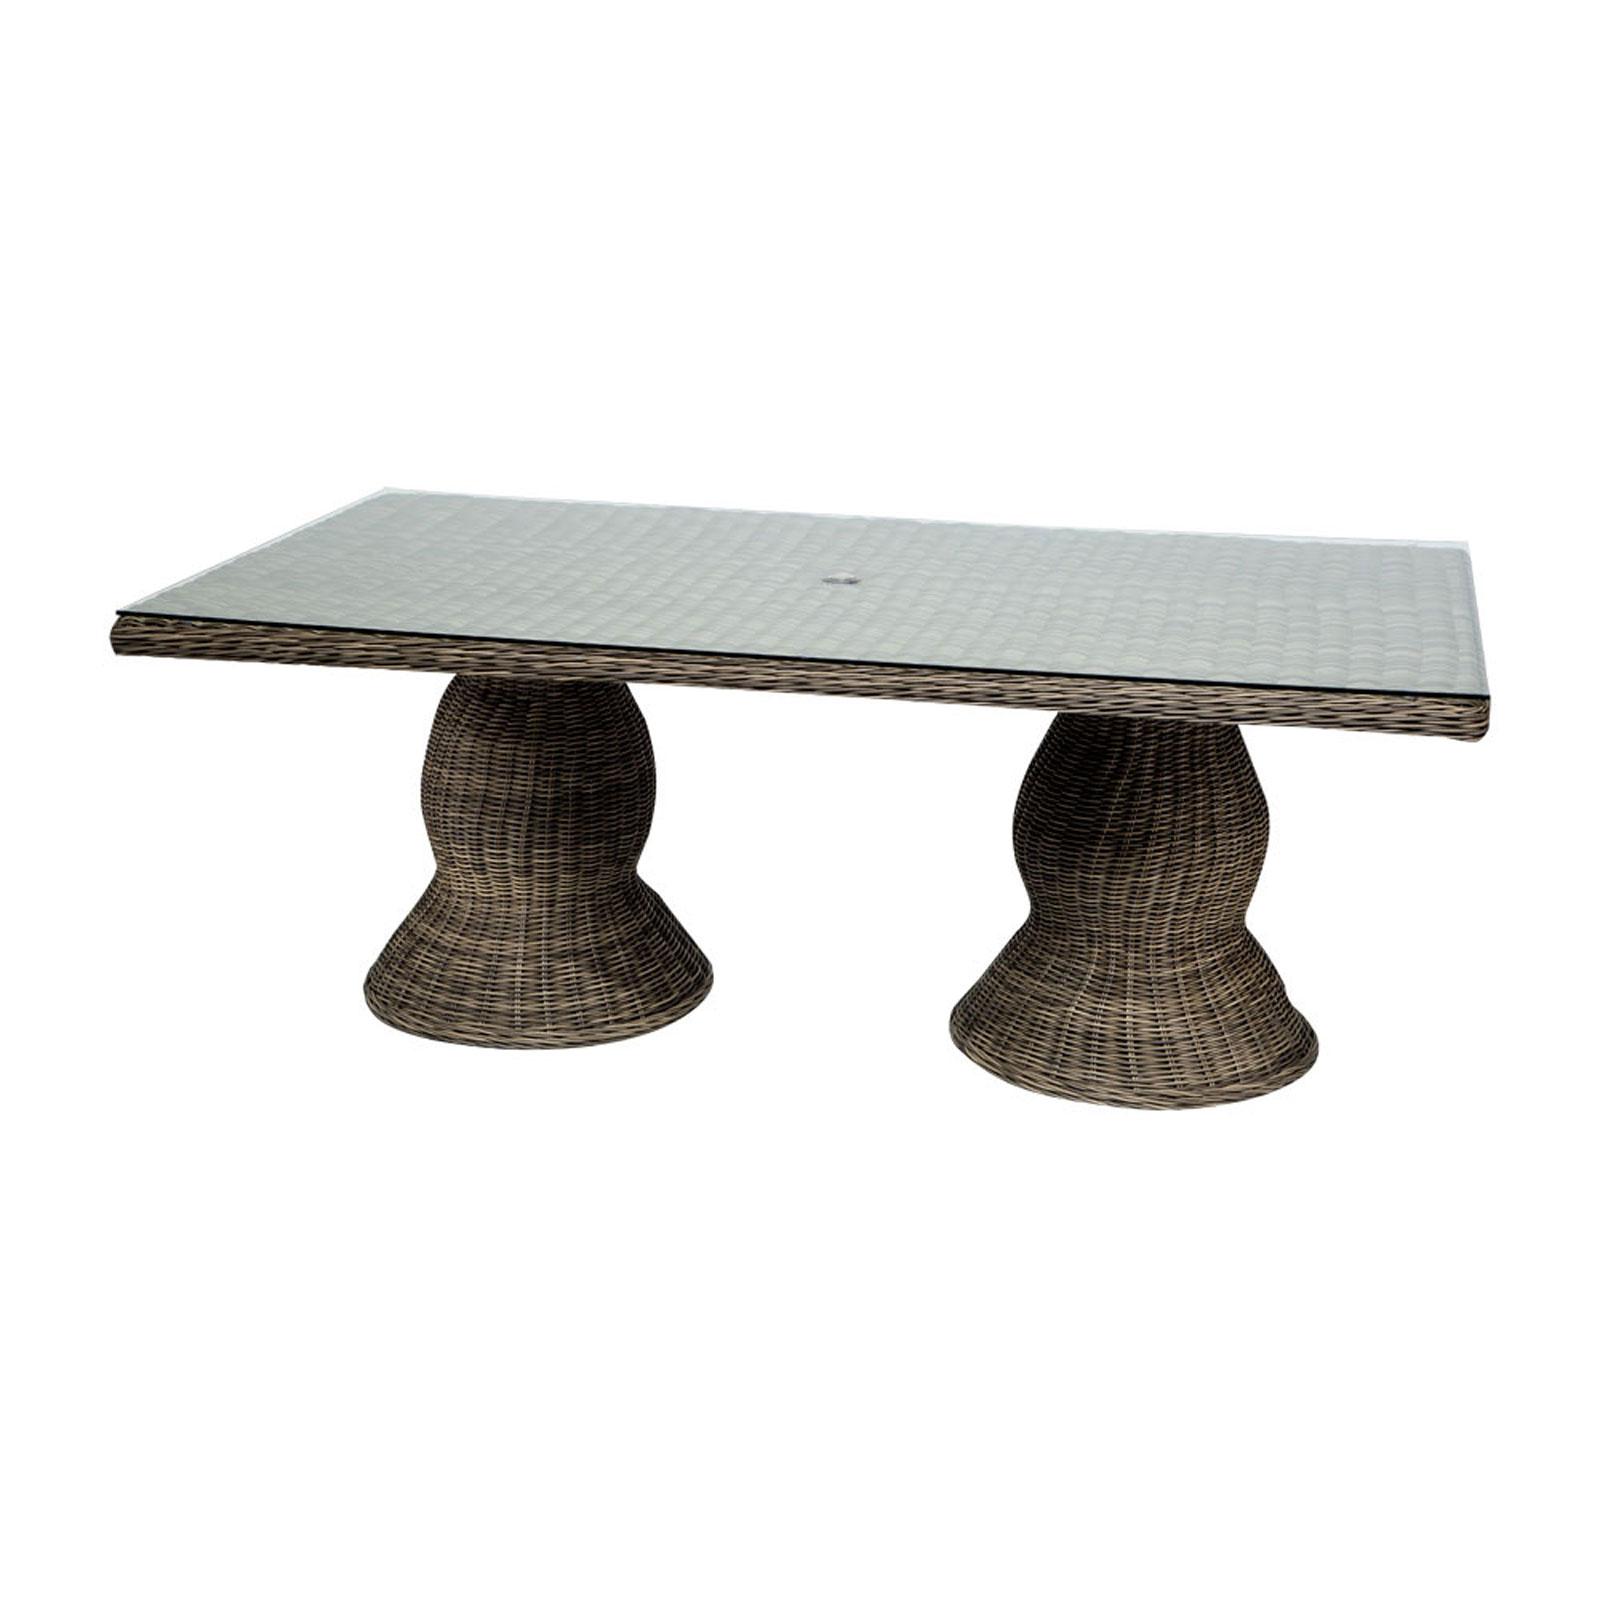 TK Classics Cape Cod Vintage Stone Rectangular Outdoor  : CAPECOD REC DINING TABLE from www.tkclassics.com size 1600 x 1600 jpeg 138kB